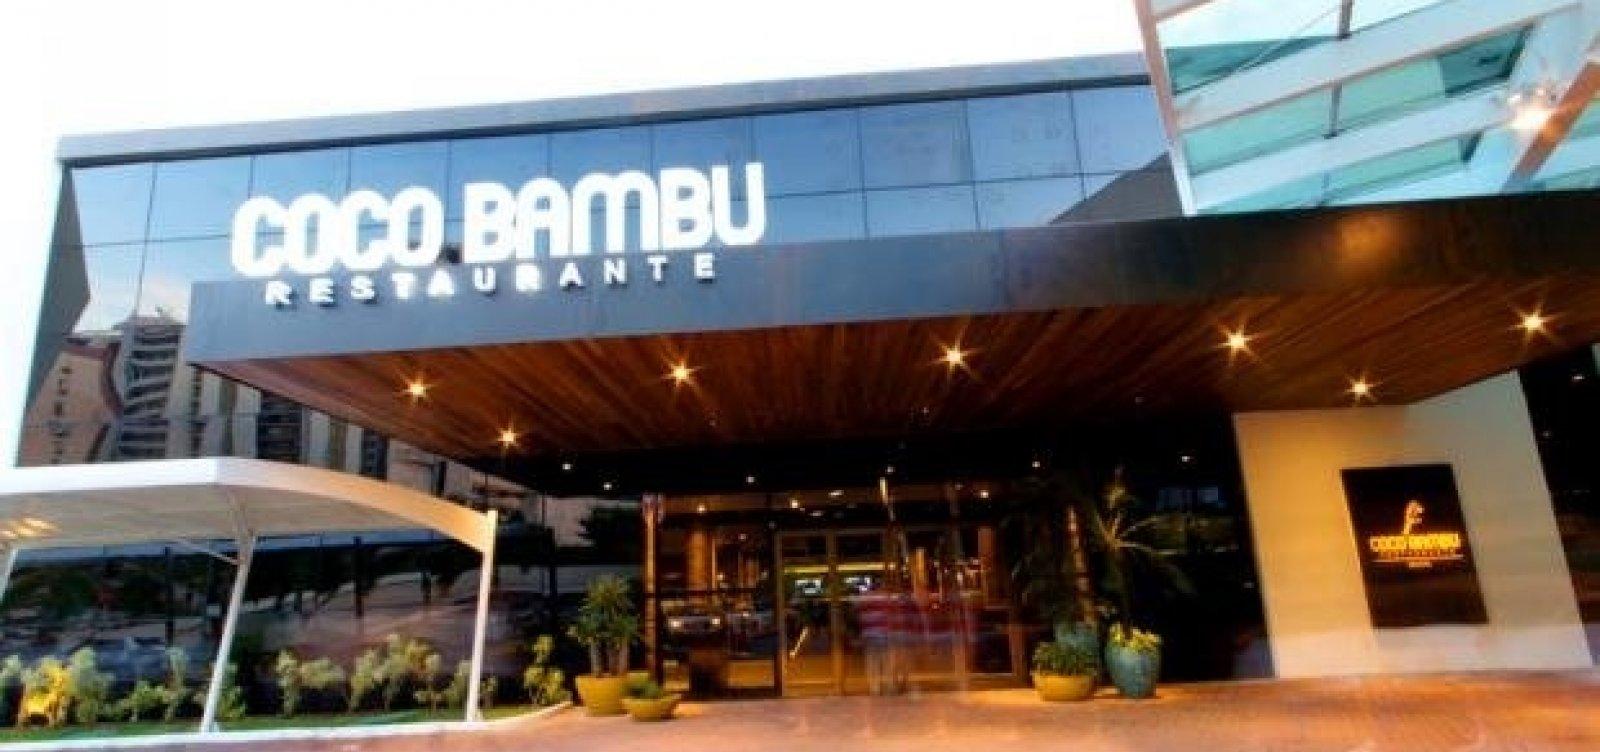 Donos do Coco Bambu doam para Bolsonaro e internautas propõem boicote